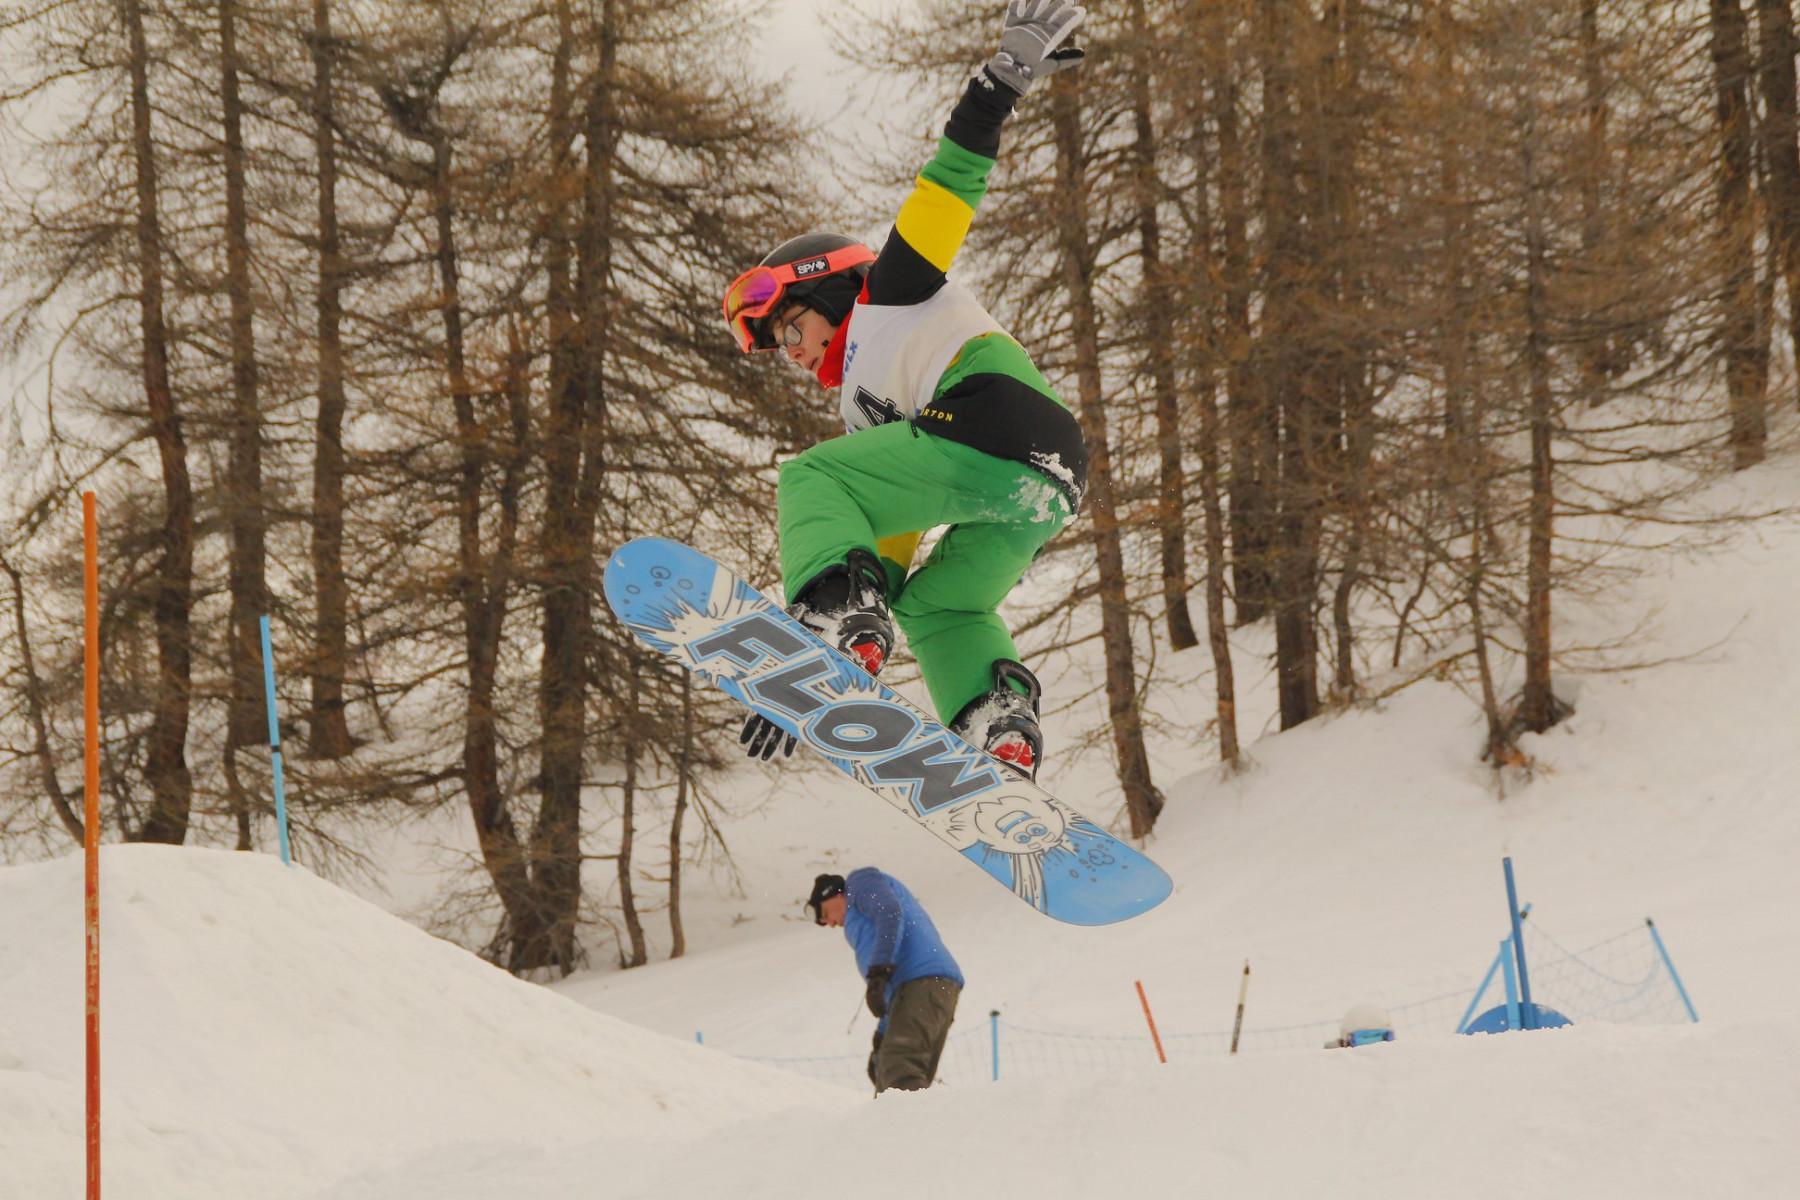 Corso collettivo di snowboard per bambini a Sauze d'Oulx